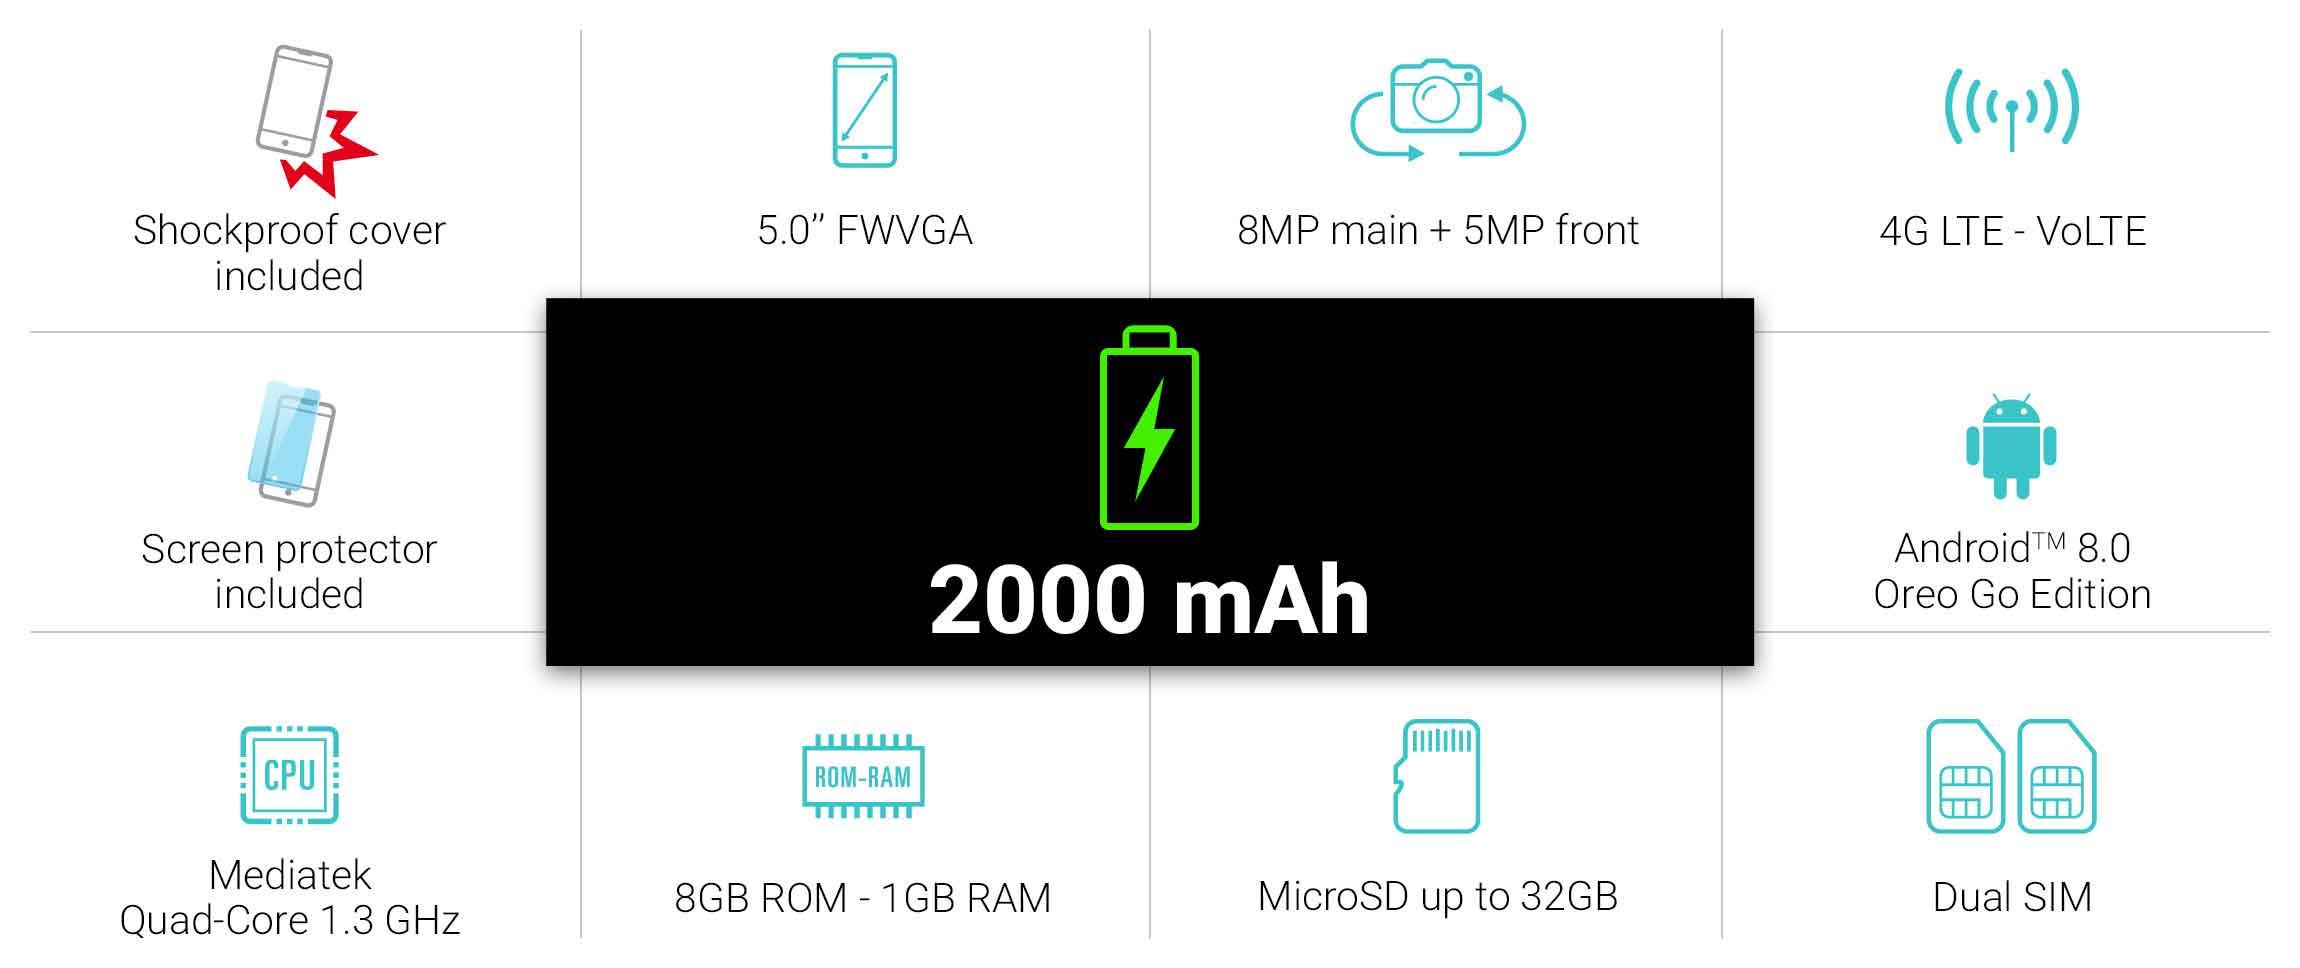 AT E500S pictos EN - گوشی موبایل انرجایزر مدل Energizer Energy E500S با ظرفیت ۸ گیگابایت